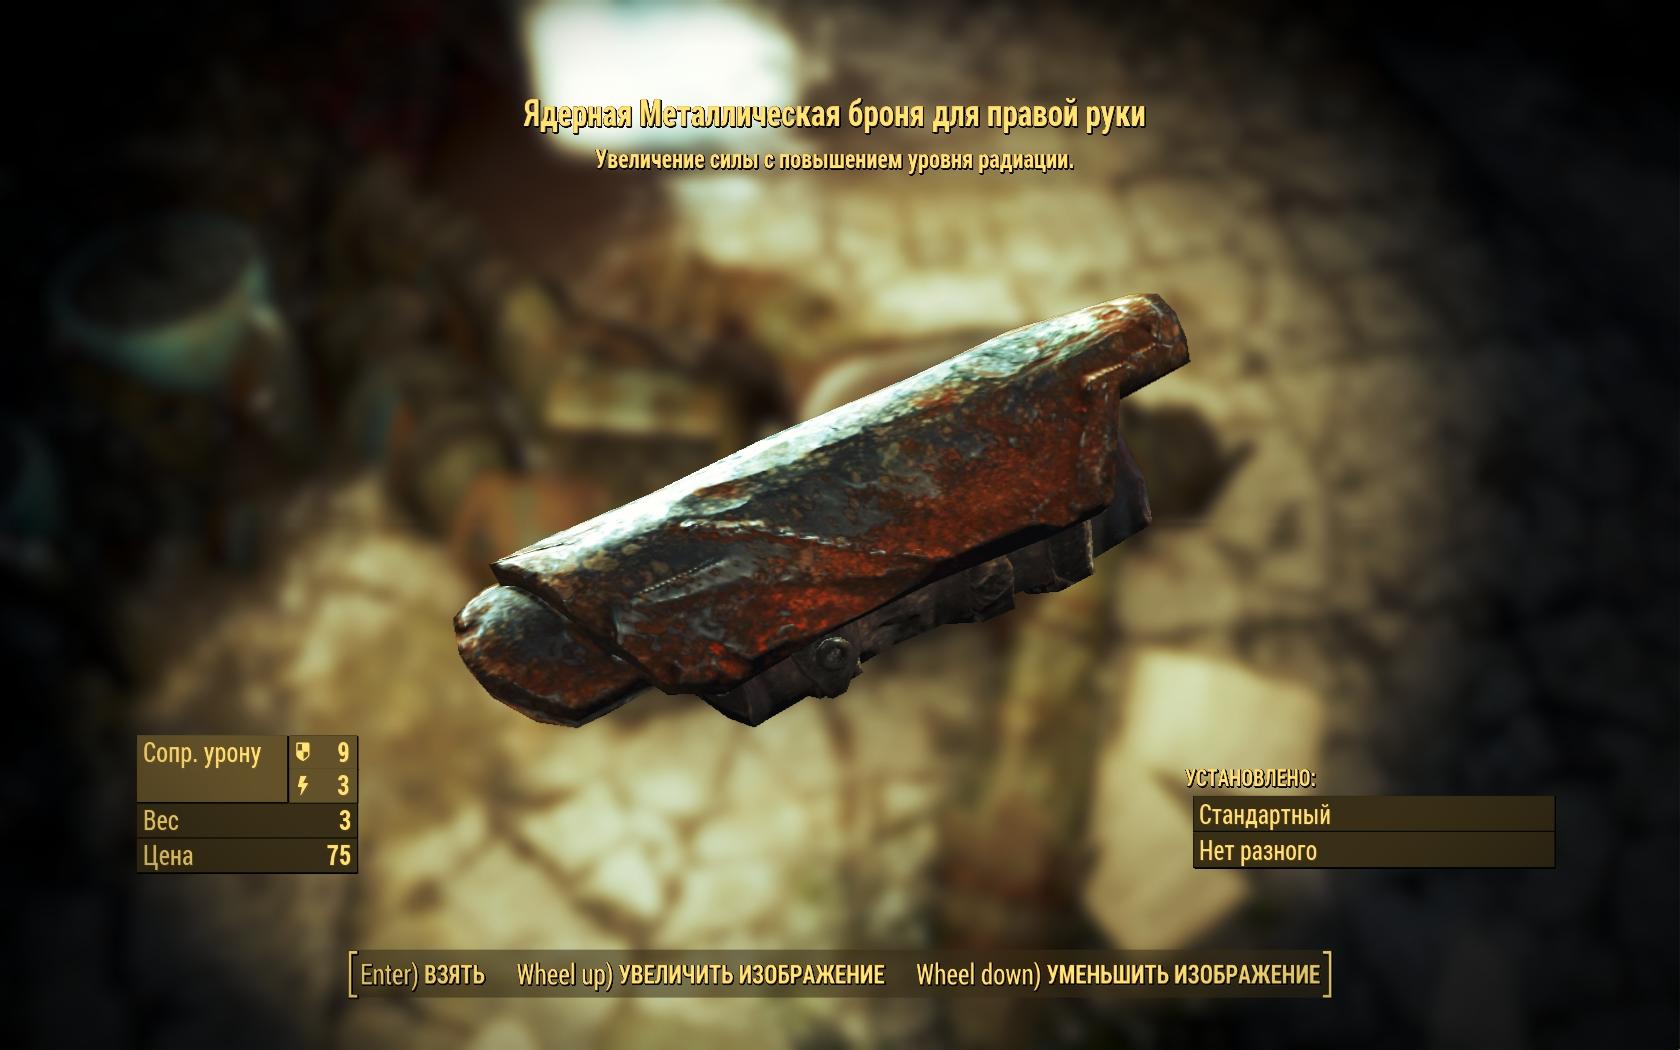 Ядерная металлическая броня для правой руки - Fallout 4 броня, металлическая, Одежда, Ядерная